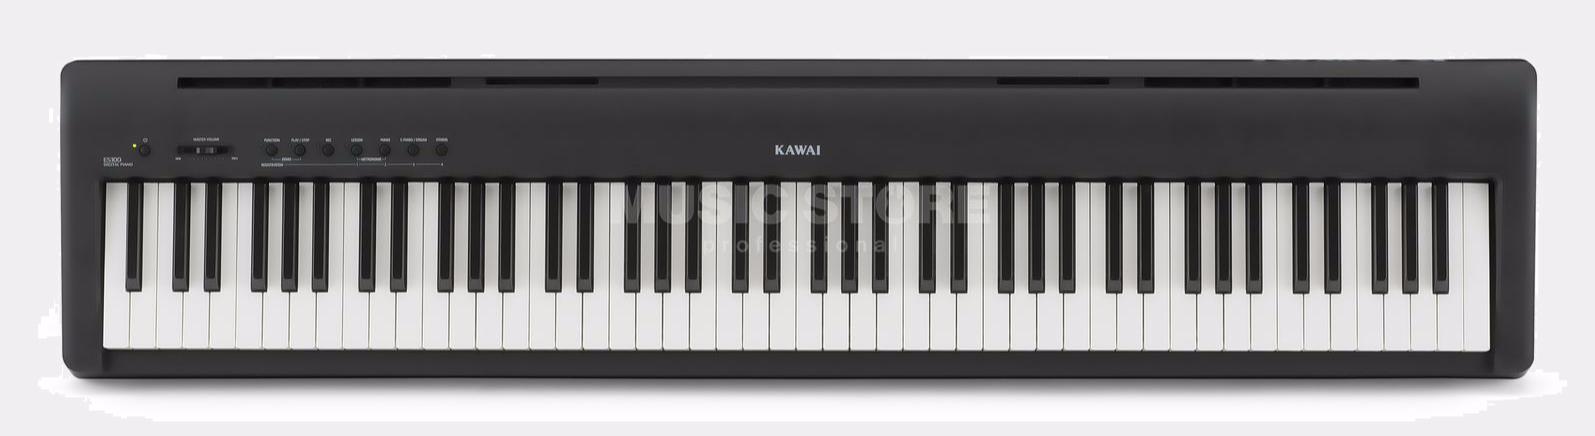 kawai es100 digital piano black. Black Bedroom Furniture Sets. Home Design Ideas